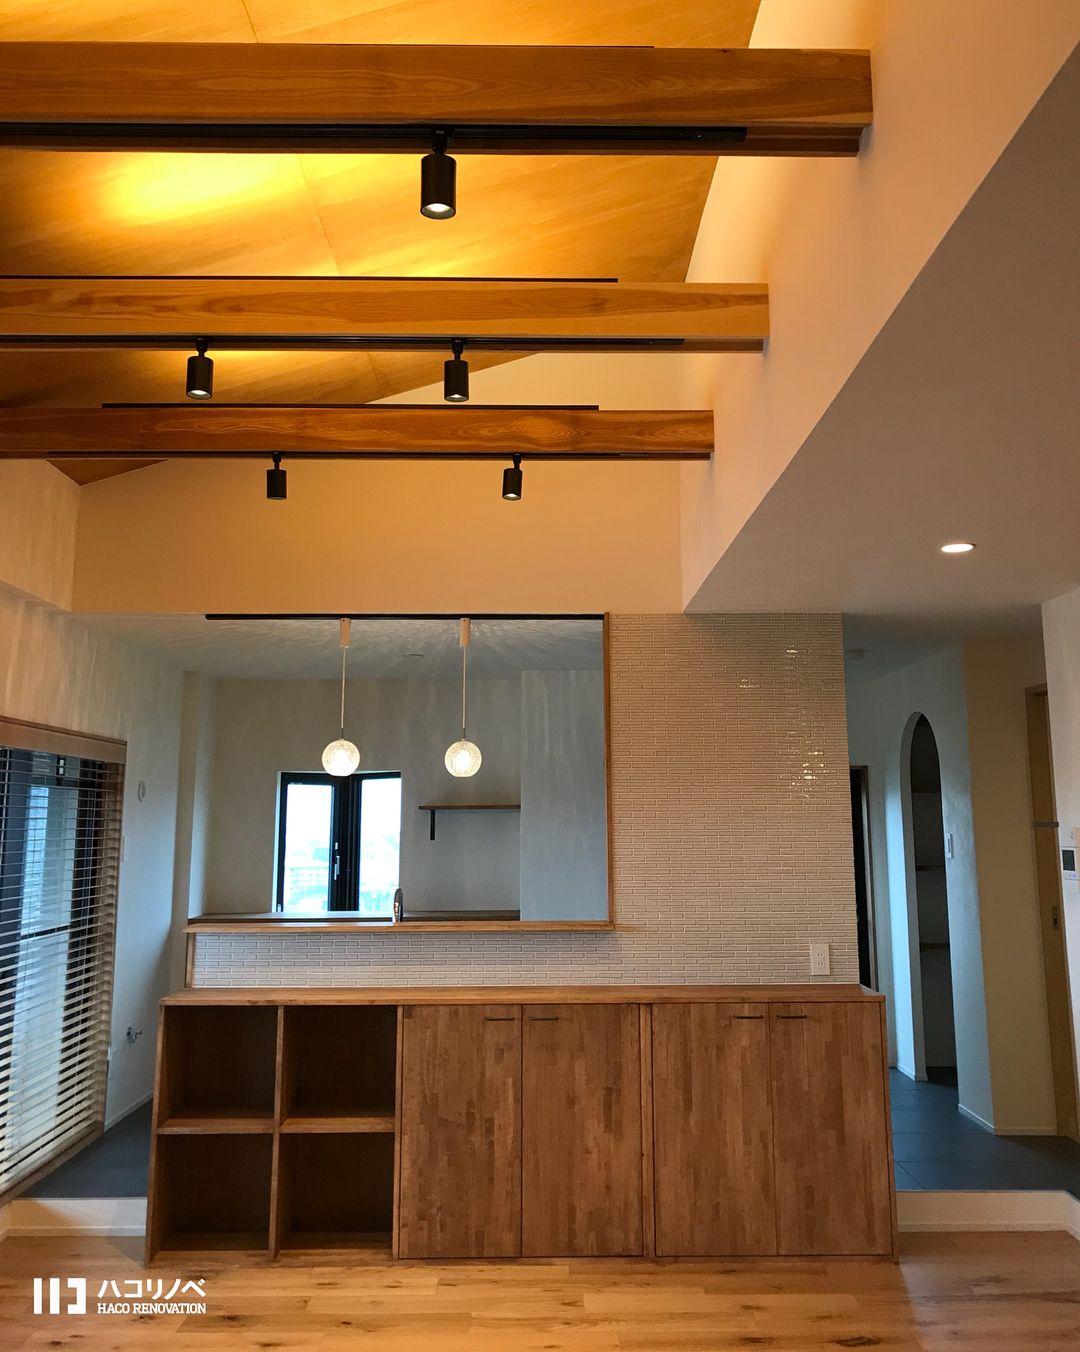 床にも天井にも壁にも 木材に囲まれた家って心地よい 壁に